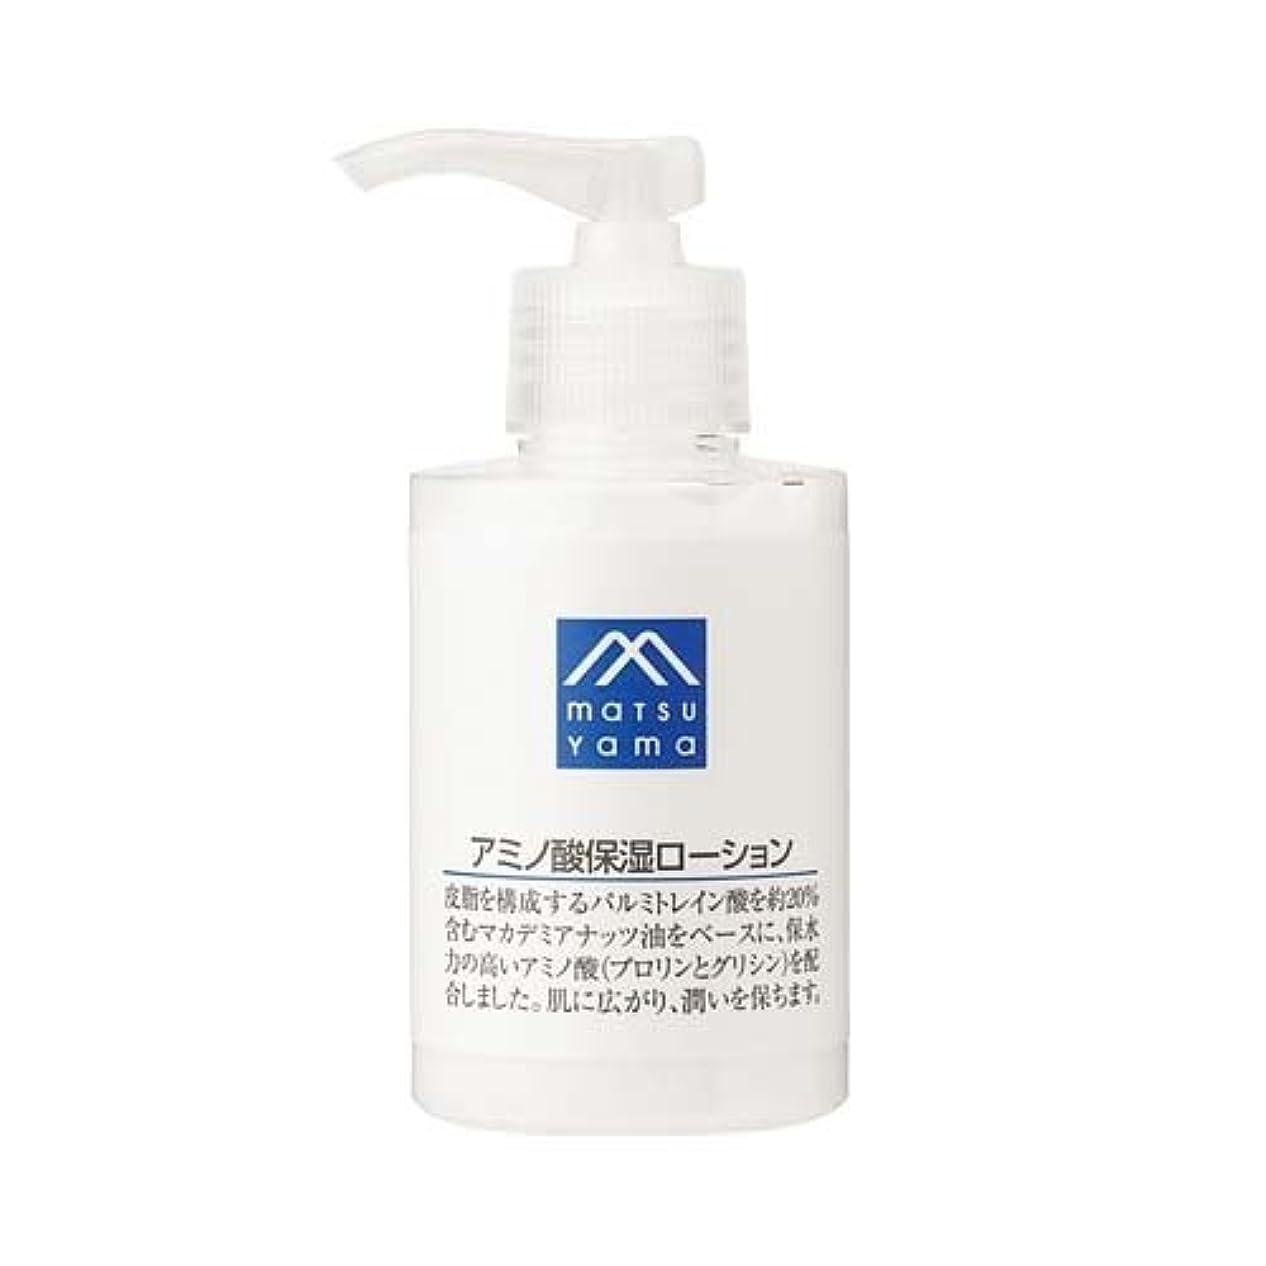 雄大な維持適応的松山油脂 アミノ酸保湿ローション 120mL